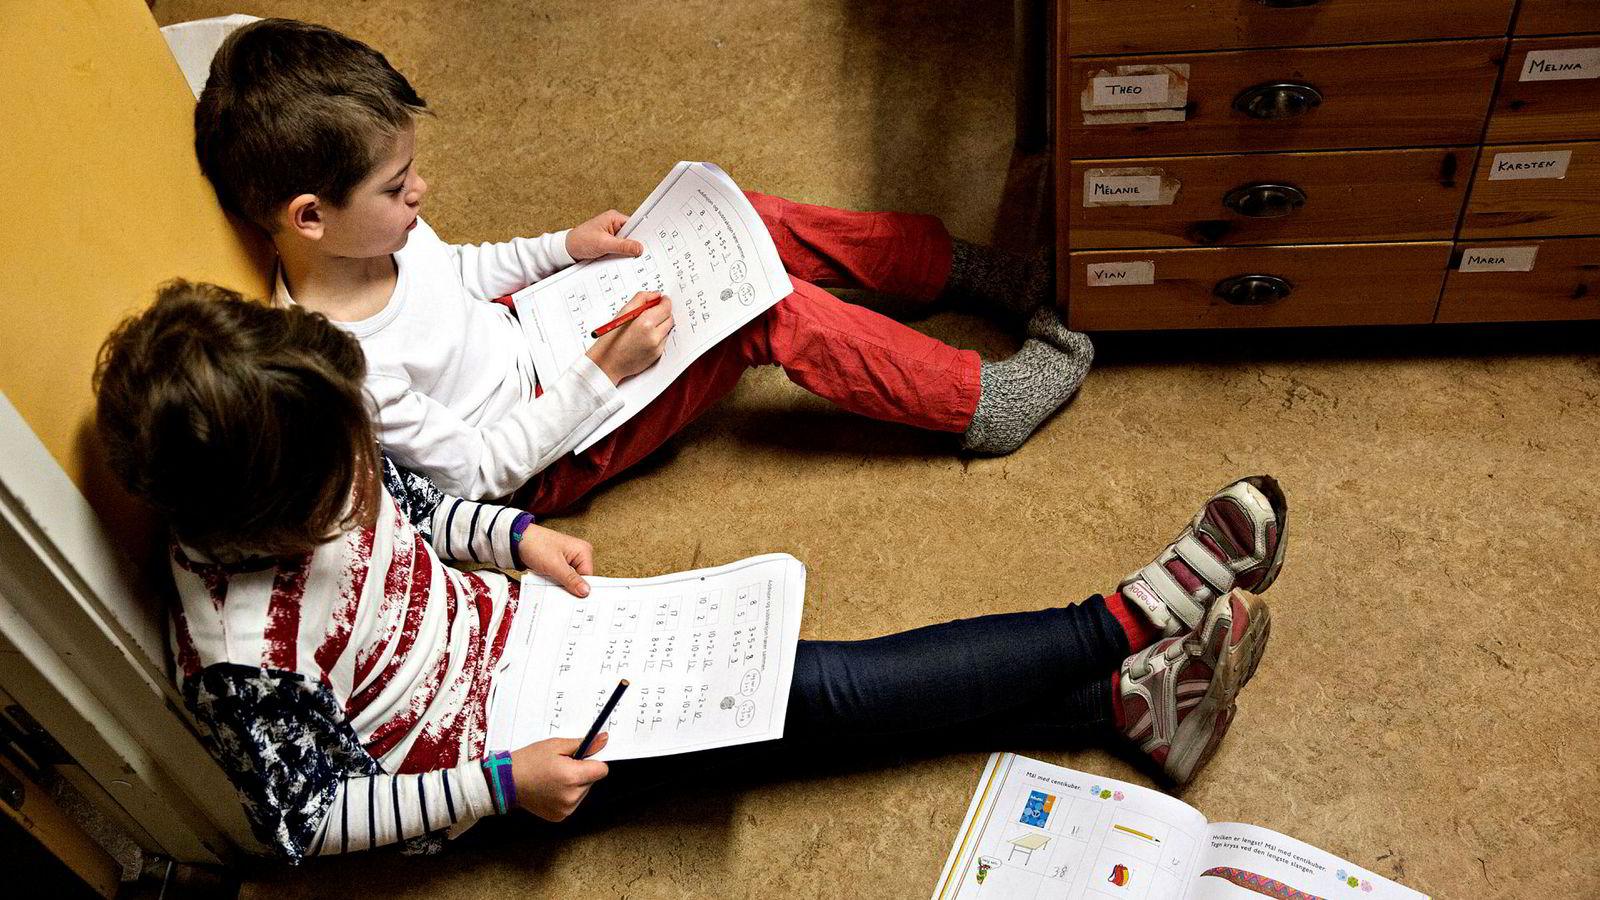 «En britisk studie viser at 18 måneder i en god barnehage kan bety mer for elleveåringers matematikkforståelse og språkkunnskaper enn seks år på skolen», skriver innleggsforfatterne.